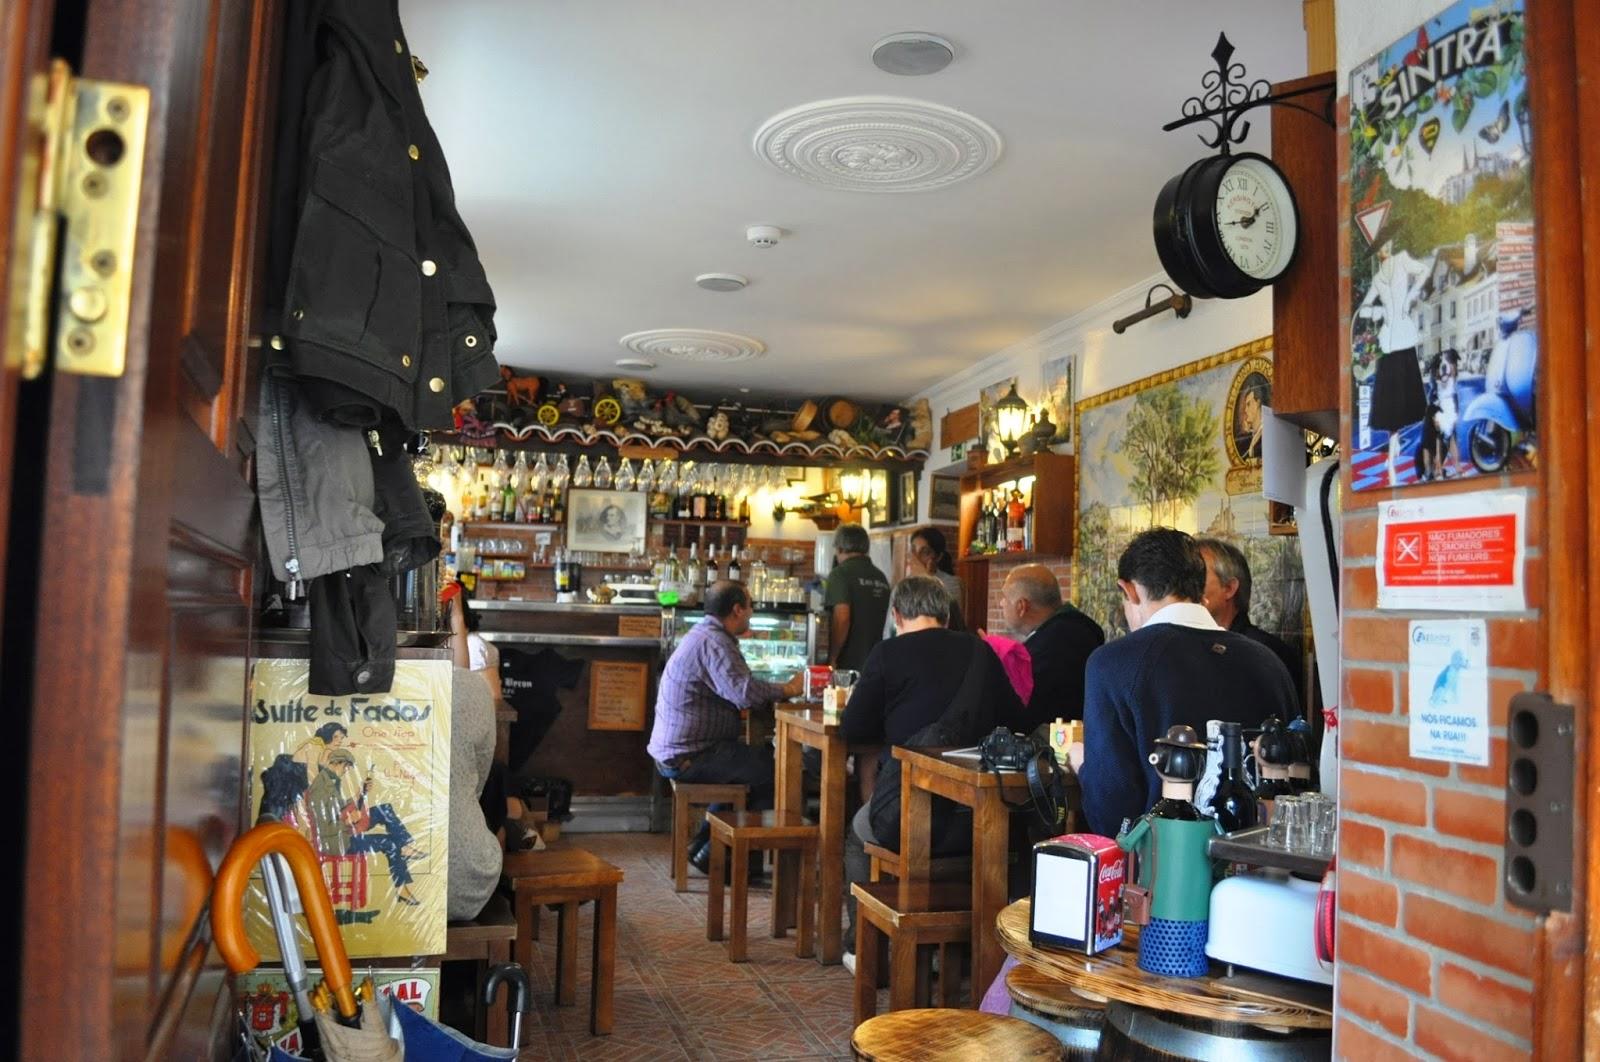 През цялото време висял в това кафене. Днес то е една от най-търсените и ...скъпи местни атракции.